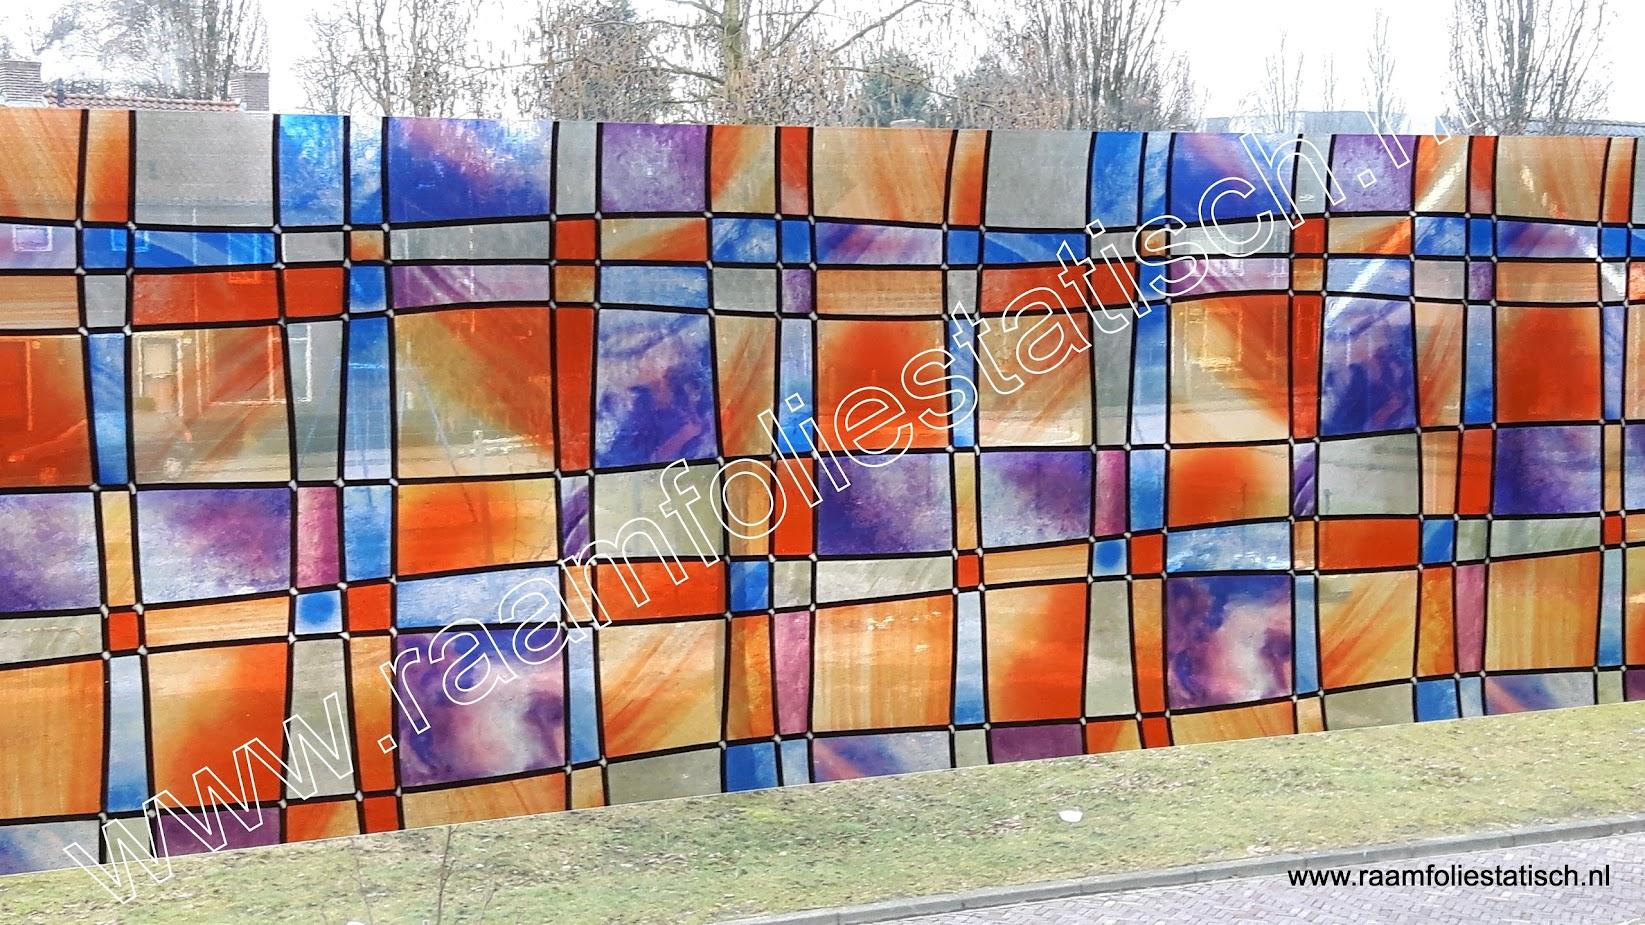 Raamfolie statische glas in lood kleuren 67,5cm